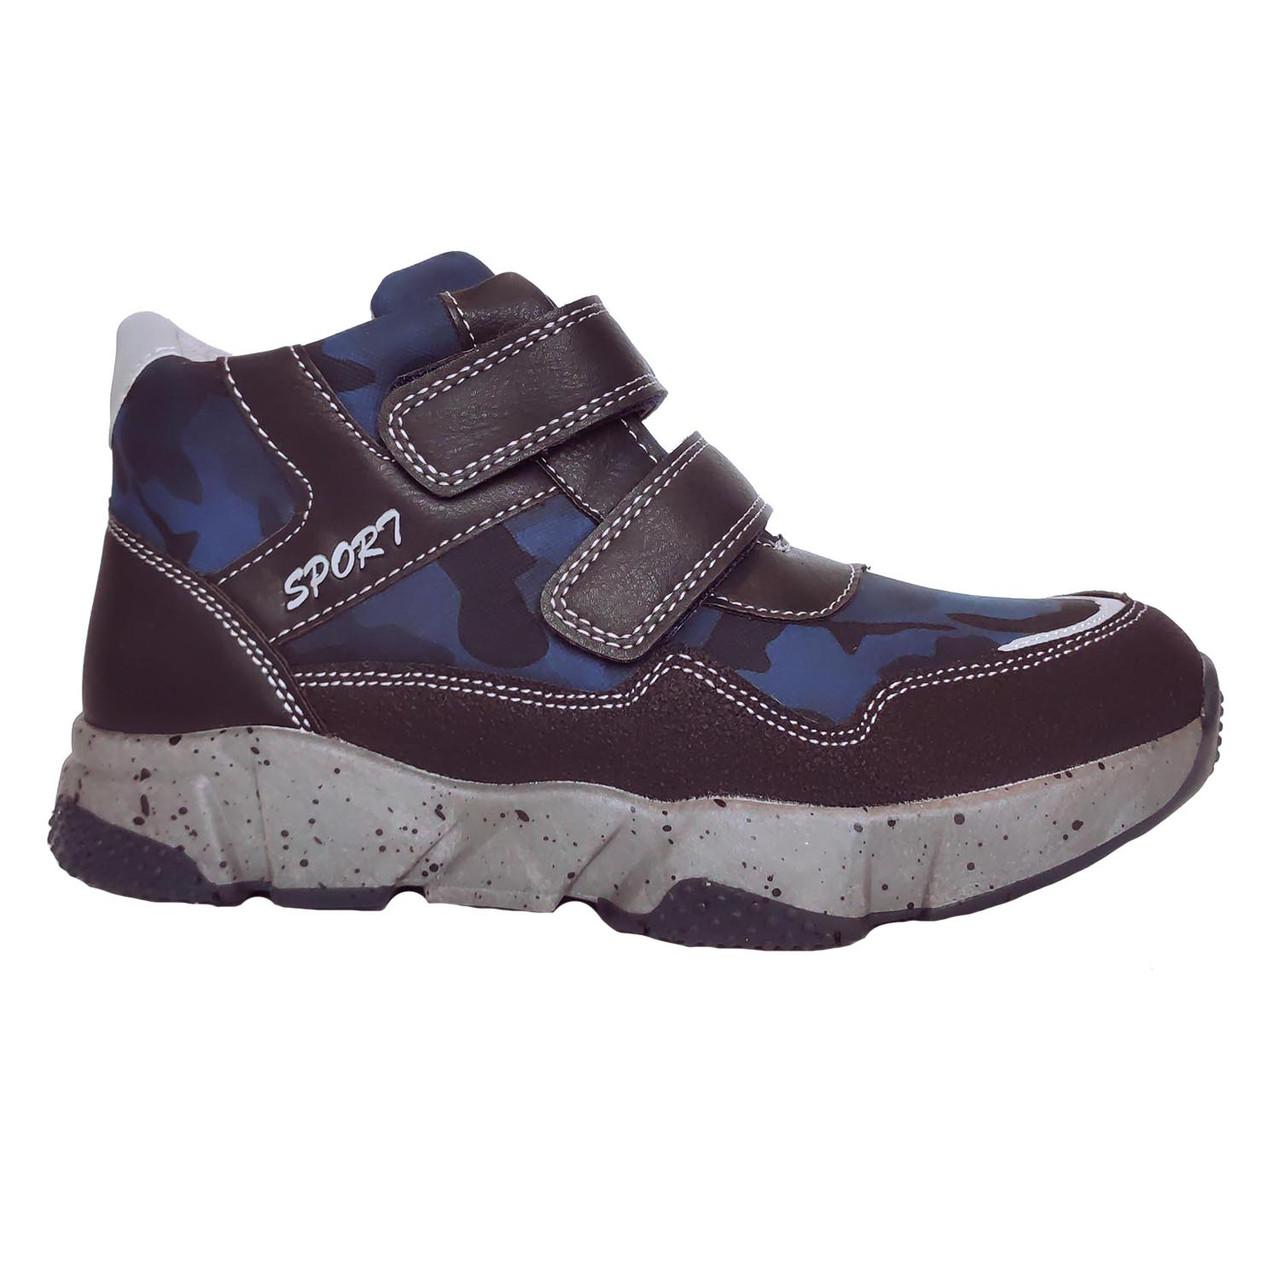 Утепленные кроссовки мальчикам, р. 32, 34, 35, 36. Демисезонные синие ботинки.